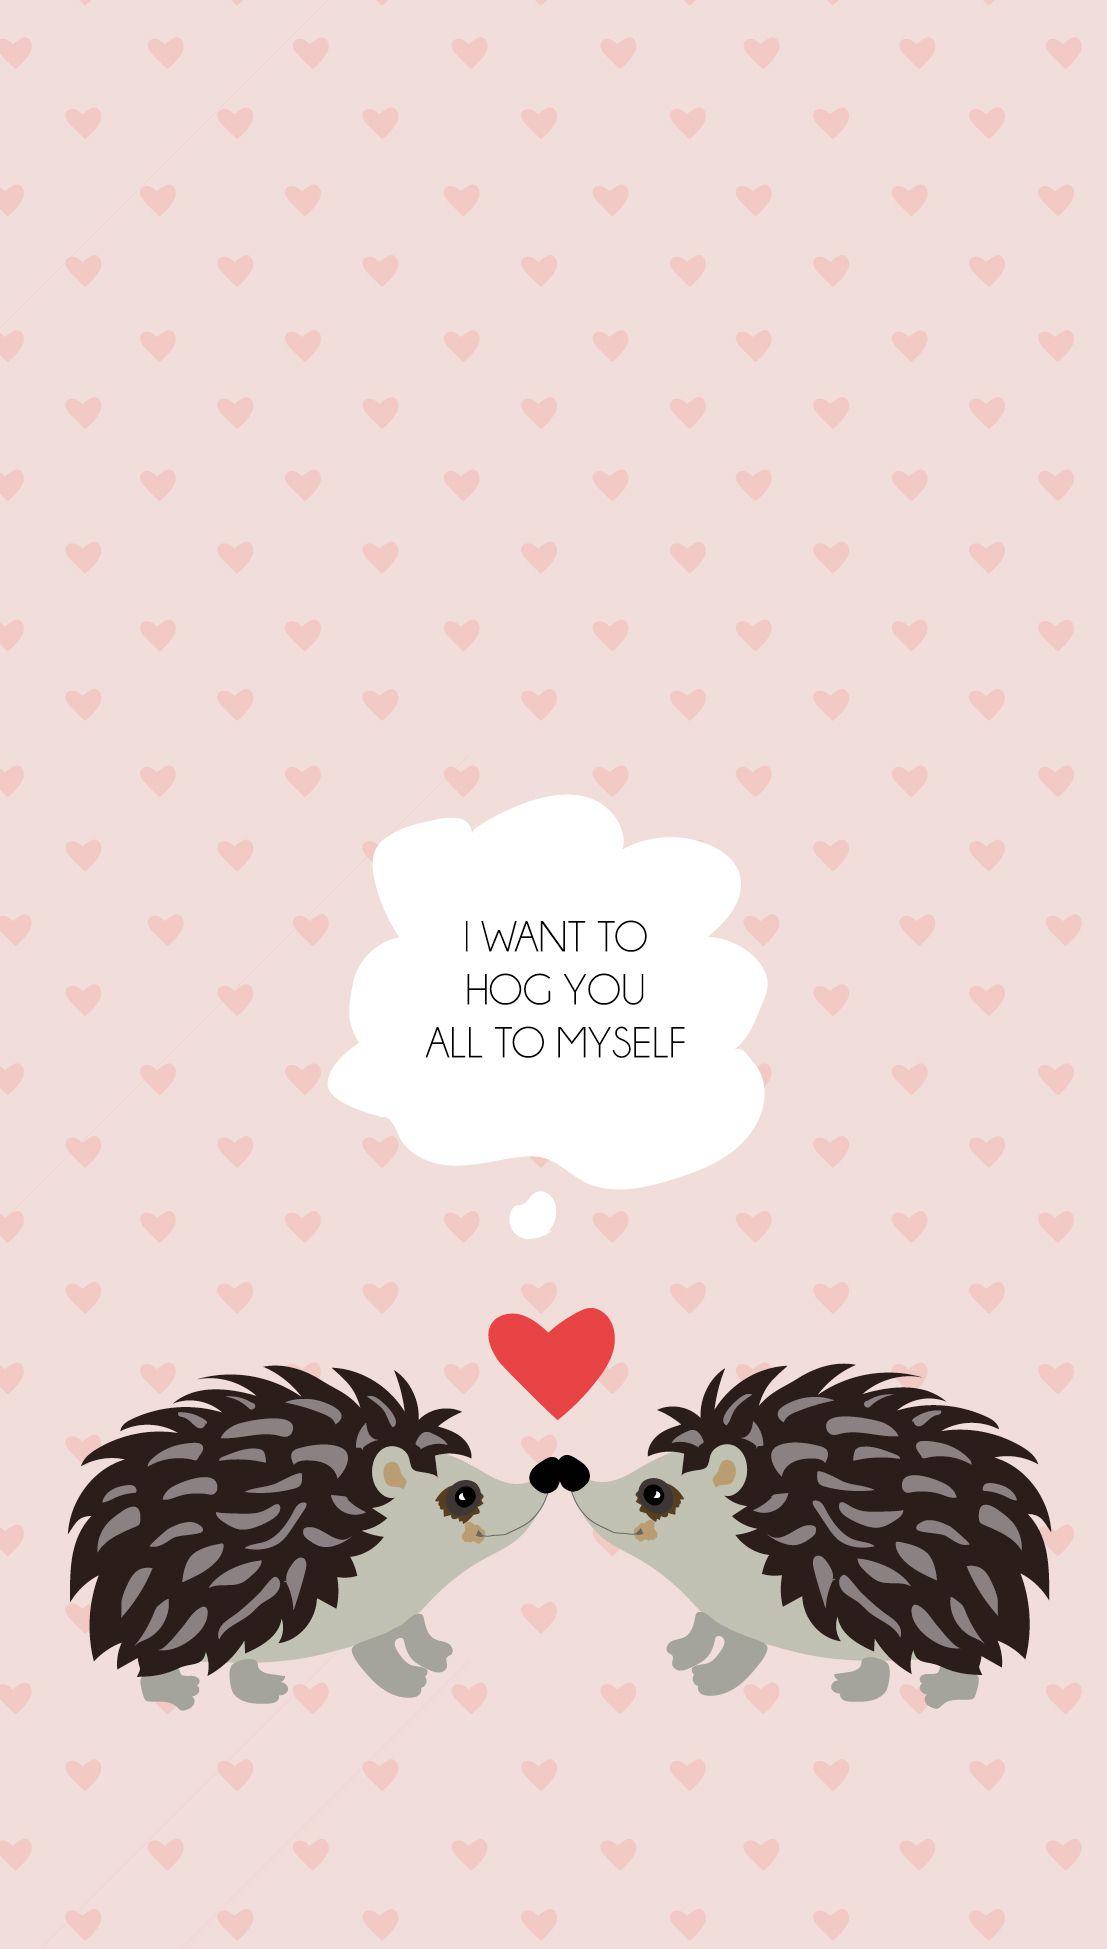 Free Valentine S Day Downloads Mixbook Inspiration Valentines Wallpaper Valentines Wallpaper Iphone Free Valentine